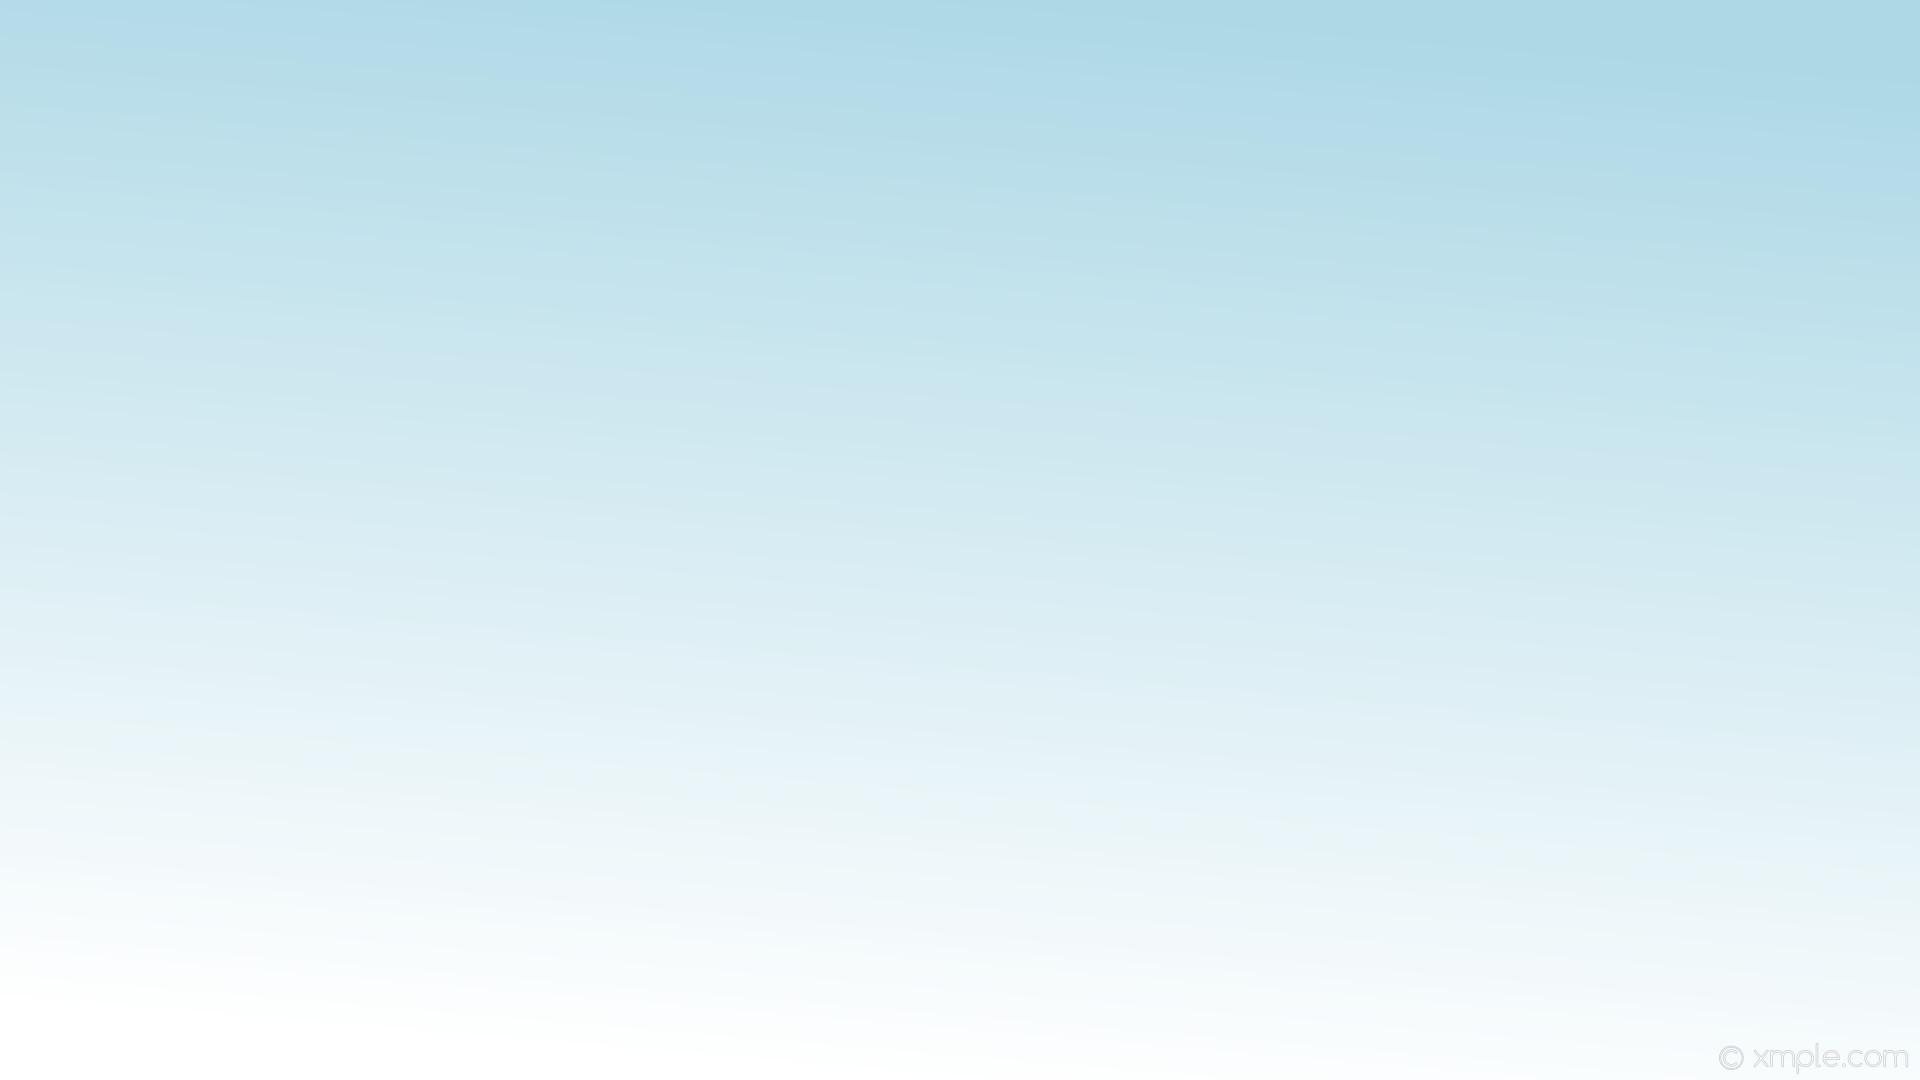 1920x1080 Wallpaper White Blue Gradient Linear Light Ffffff Add8e6 255A